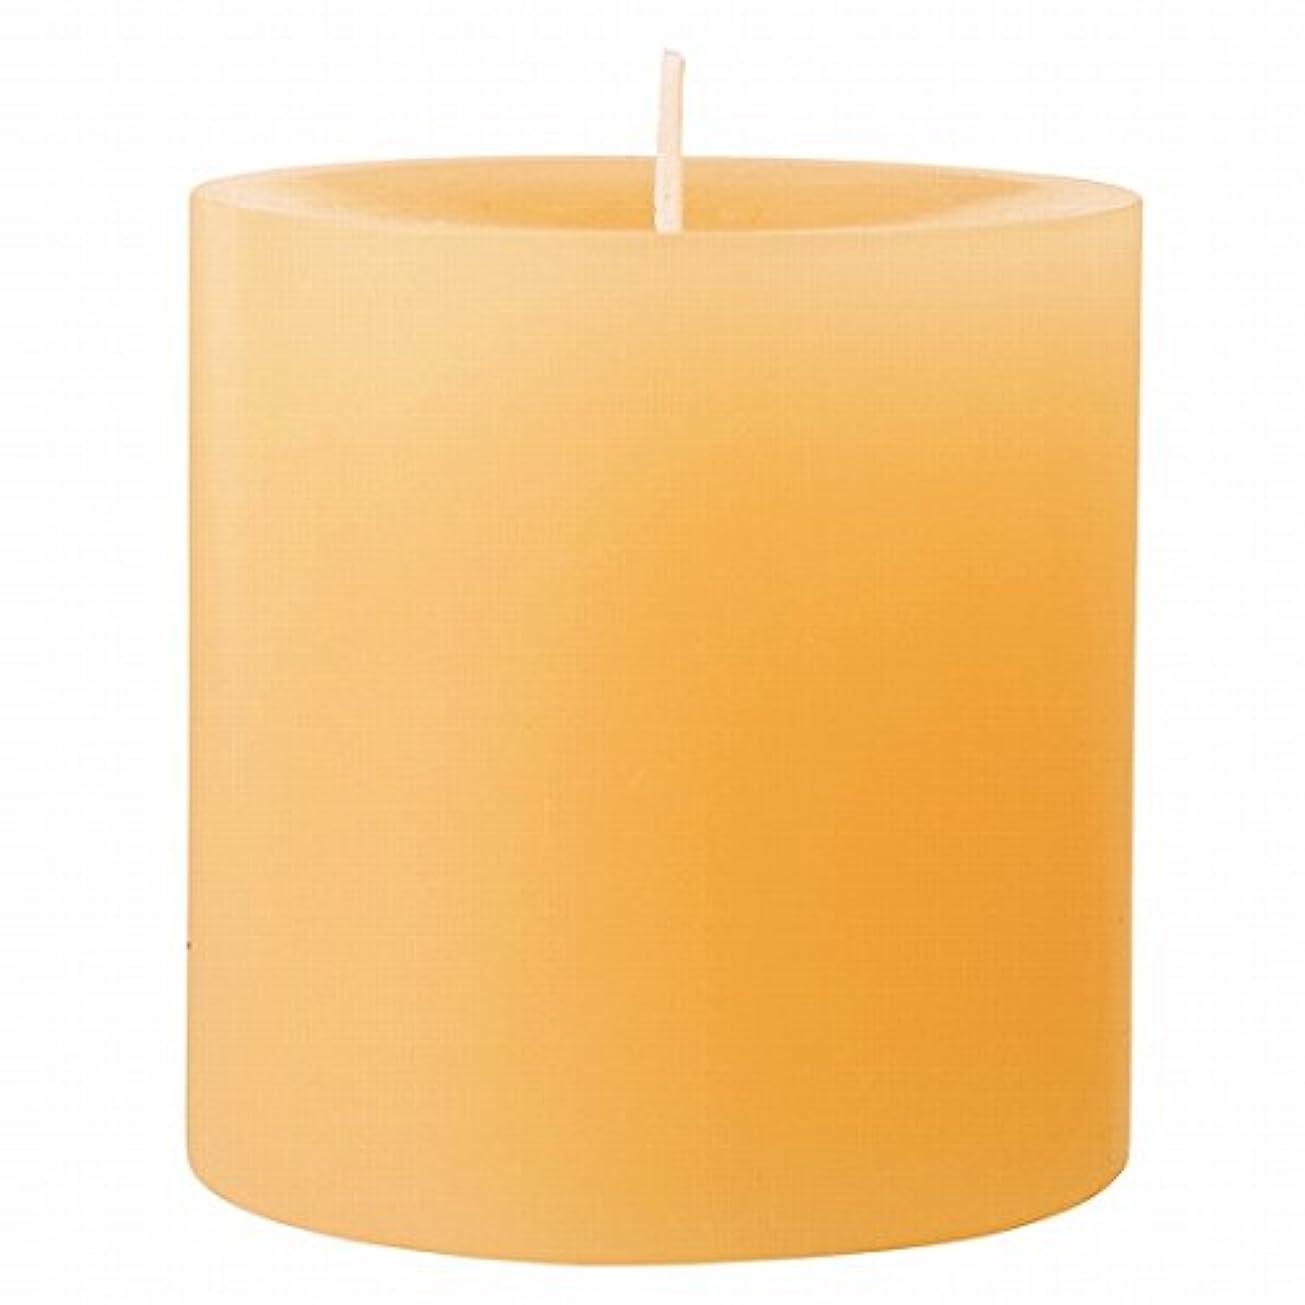 アライメントディスパッチグローカメヤマキャンドル(kameyama candle) 75×75ピラーキャンドル 「 ベージュ 」